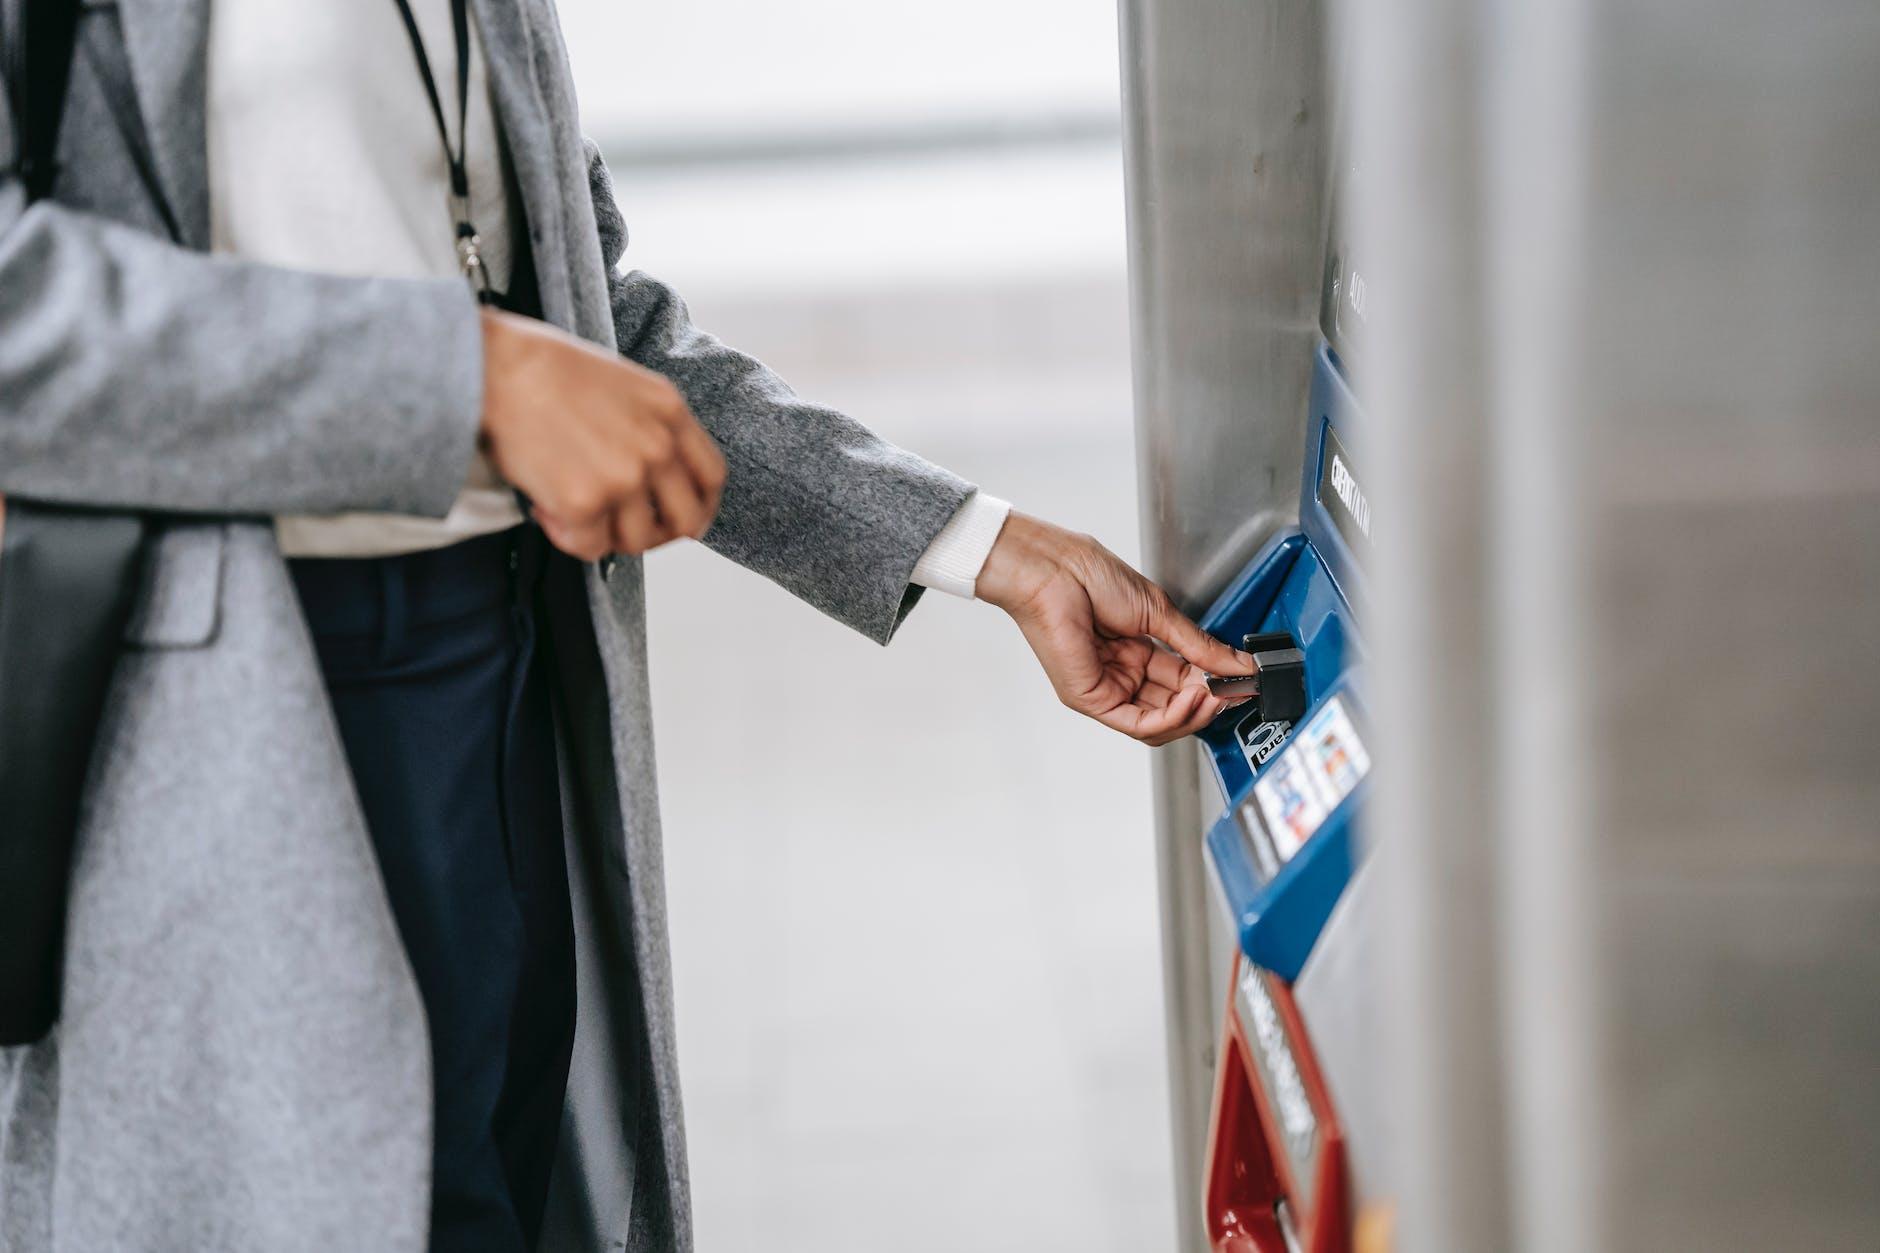 Ilustrasi penarikan uang di mesin ATM.